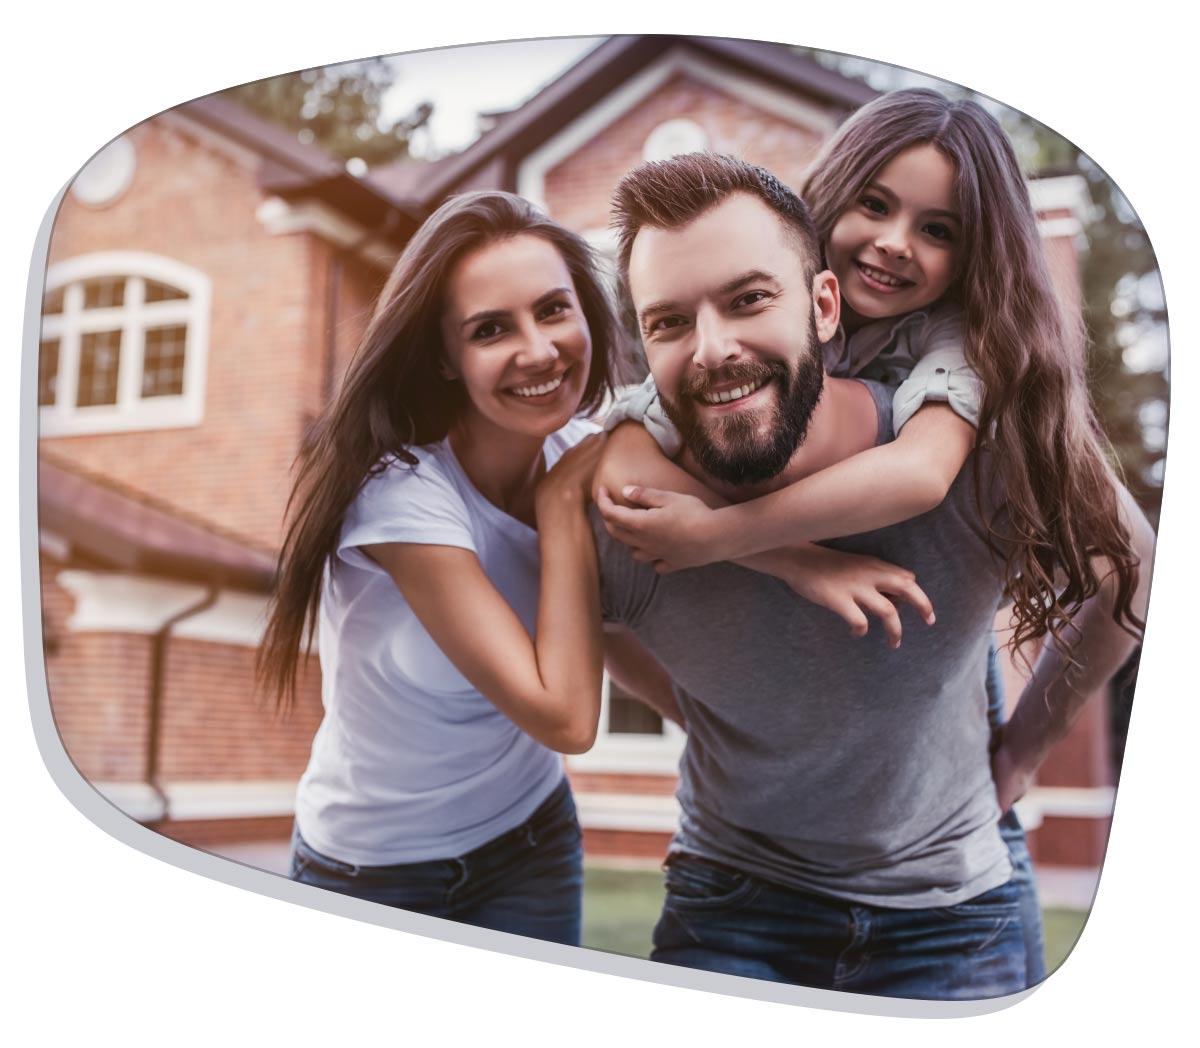 Imobilien in der Region Stuttgart, Reutlingen und Tübingen für Familien und Singles